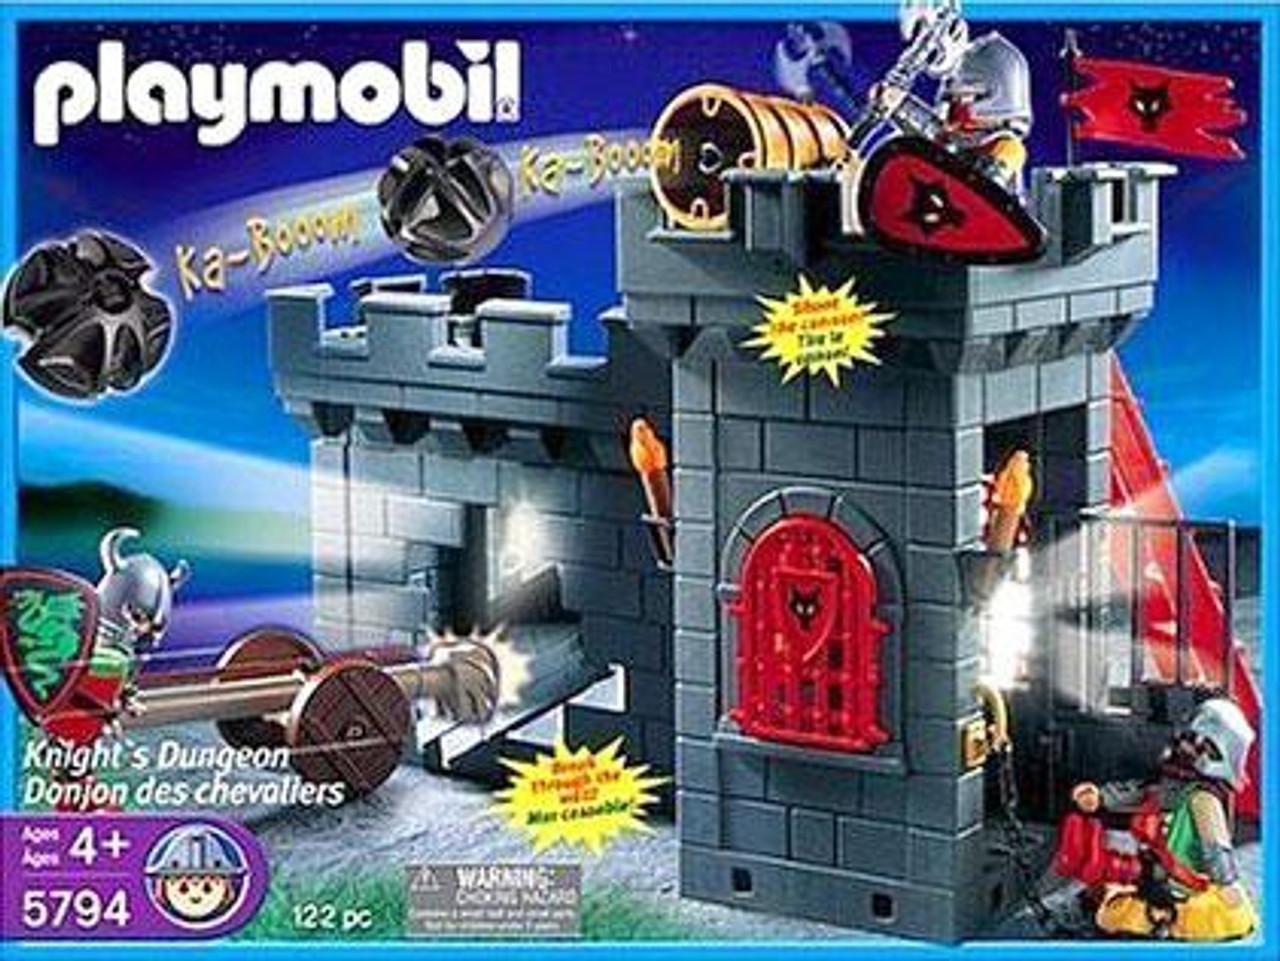 Playmobil Dragon Land Knights Dungeon Set 5794 - ToyWiz